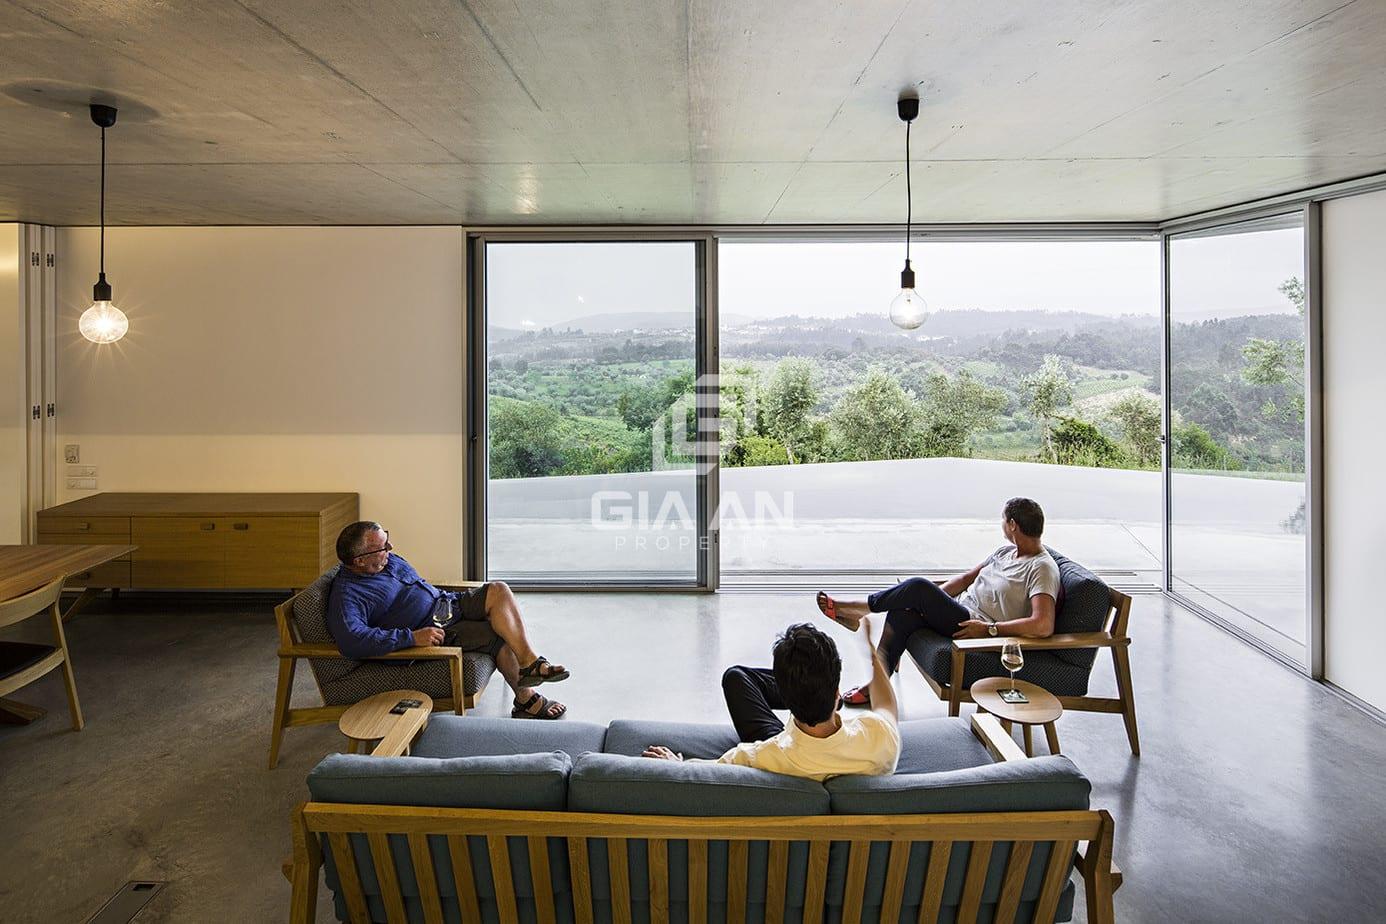 Không gian nghỉ dưỡng thoáng đẹp trên sườn đồi ở Bồ Đào Nha - 16